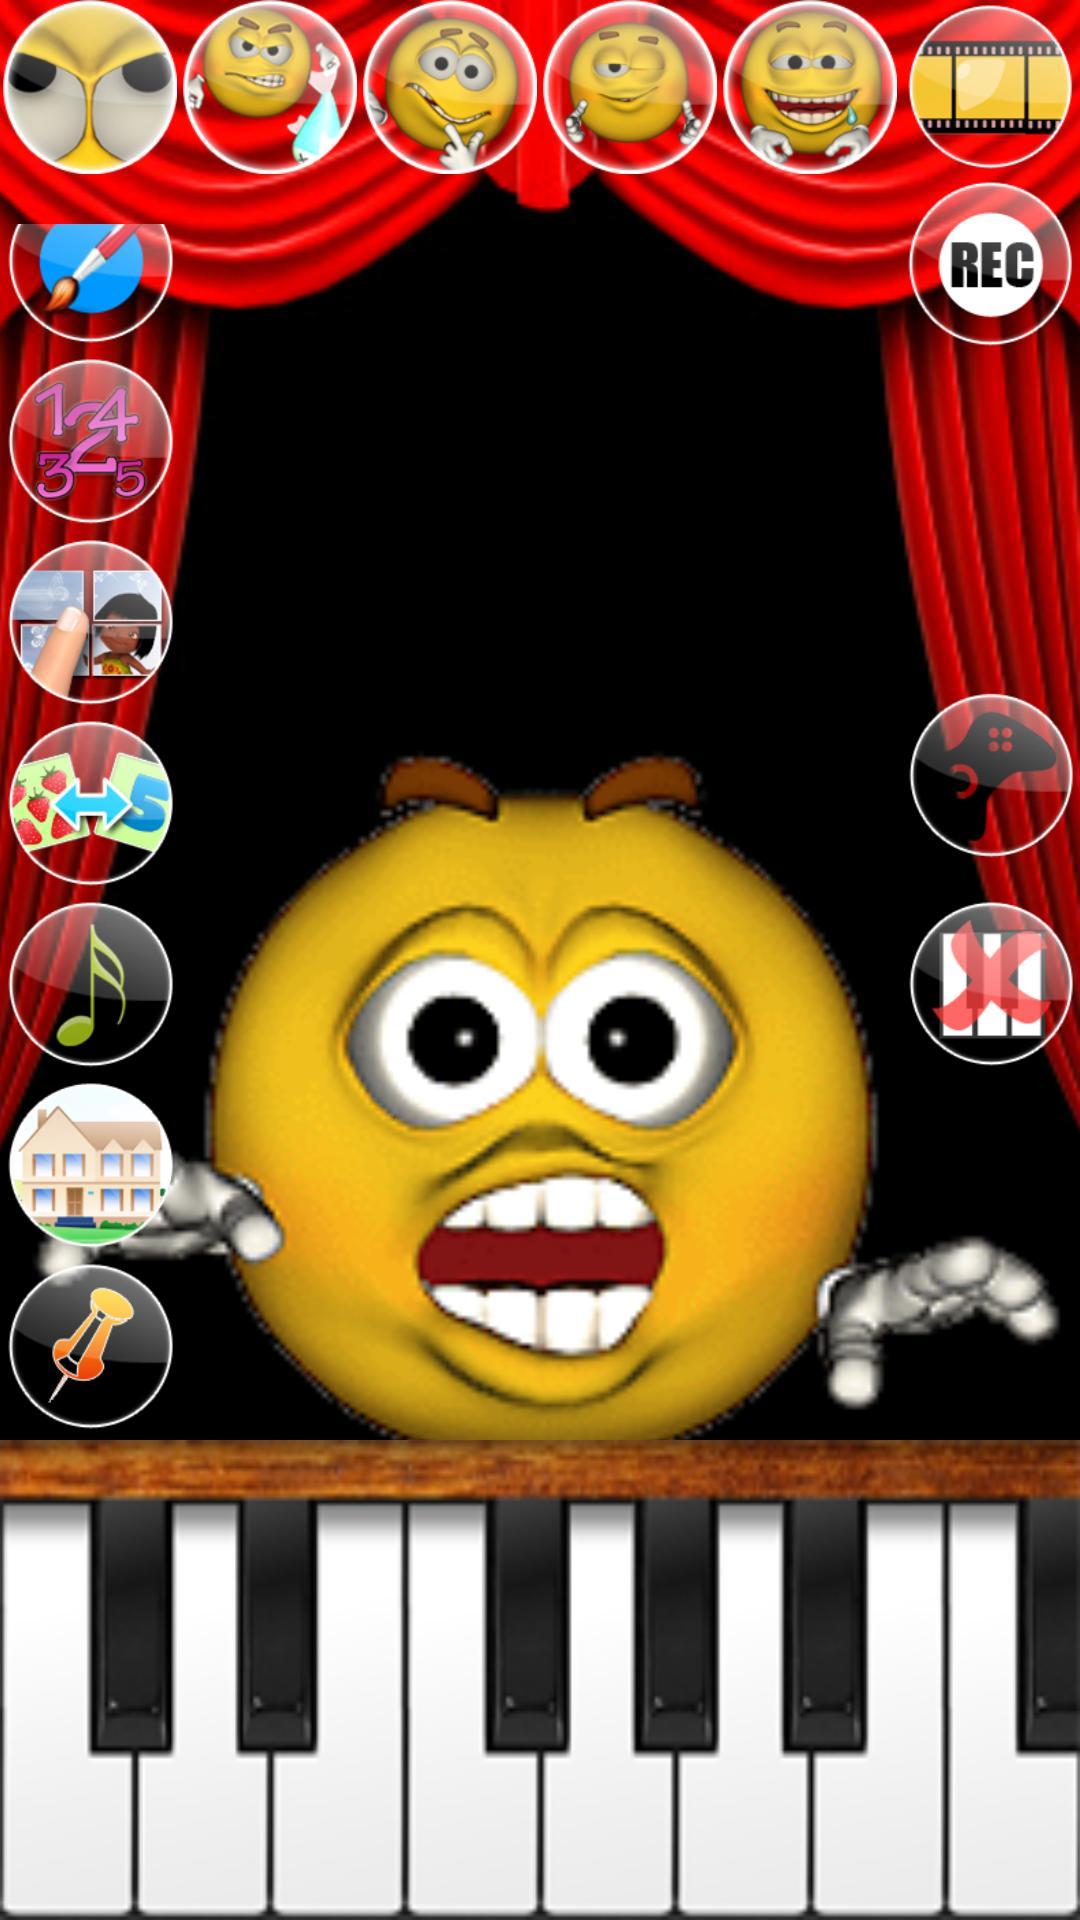 Talking Smiling Simon screenshot 3